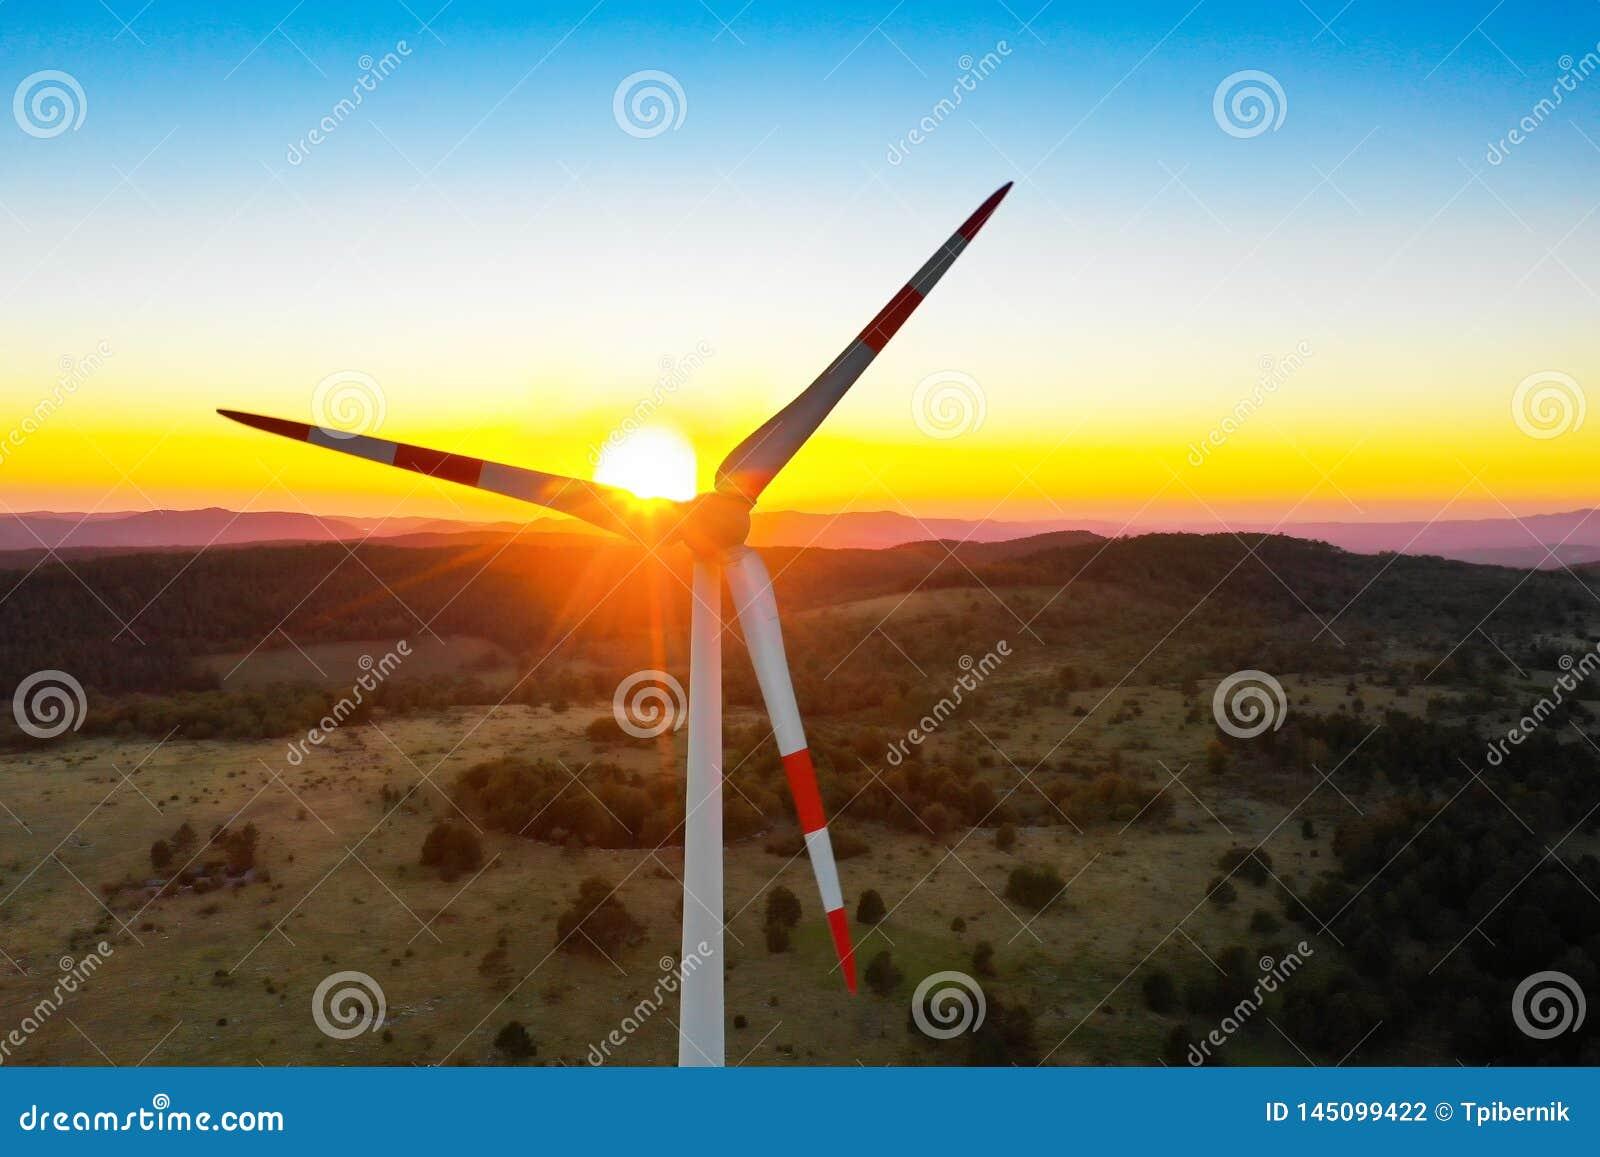 Turbina sola del mulino a vento che gira pacificamente le lame attraverso il vento nel bello cielo di tramonto